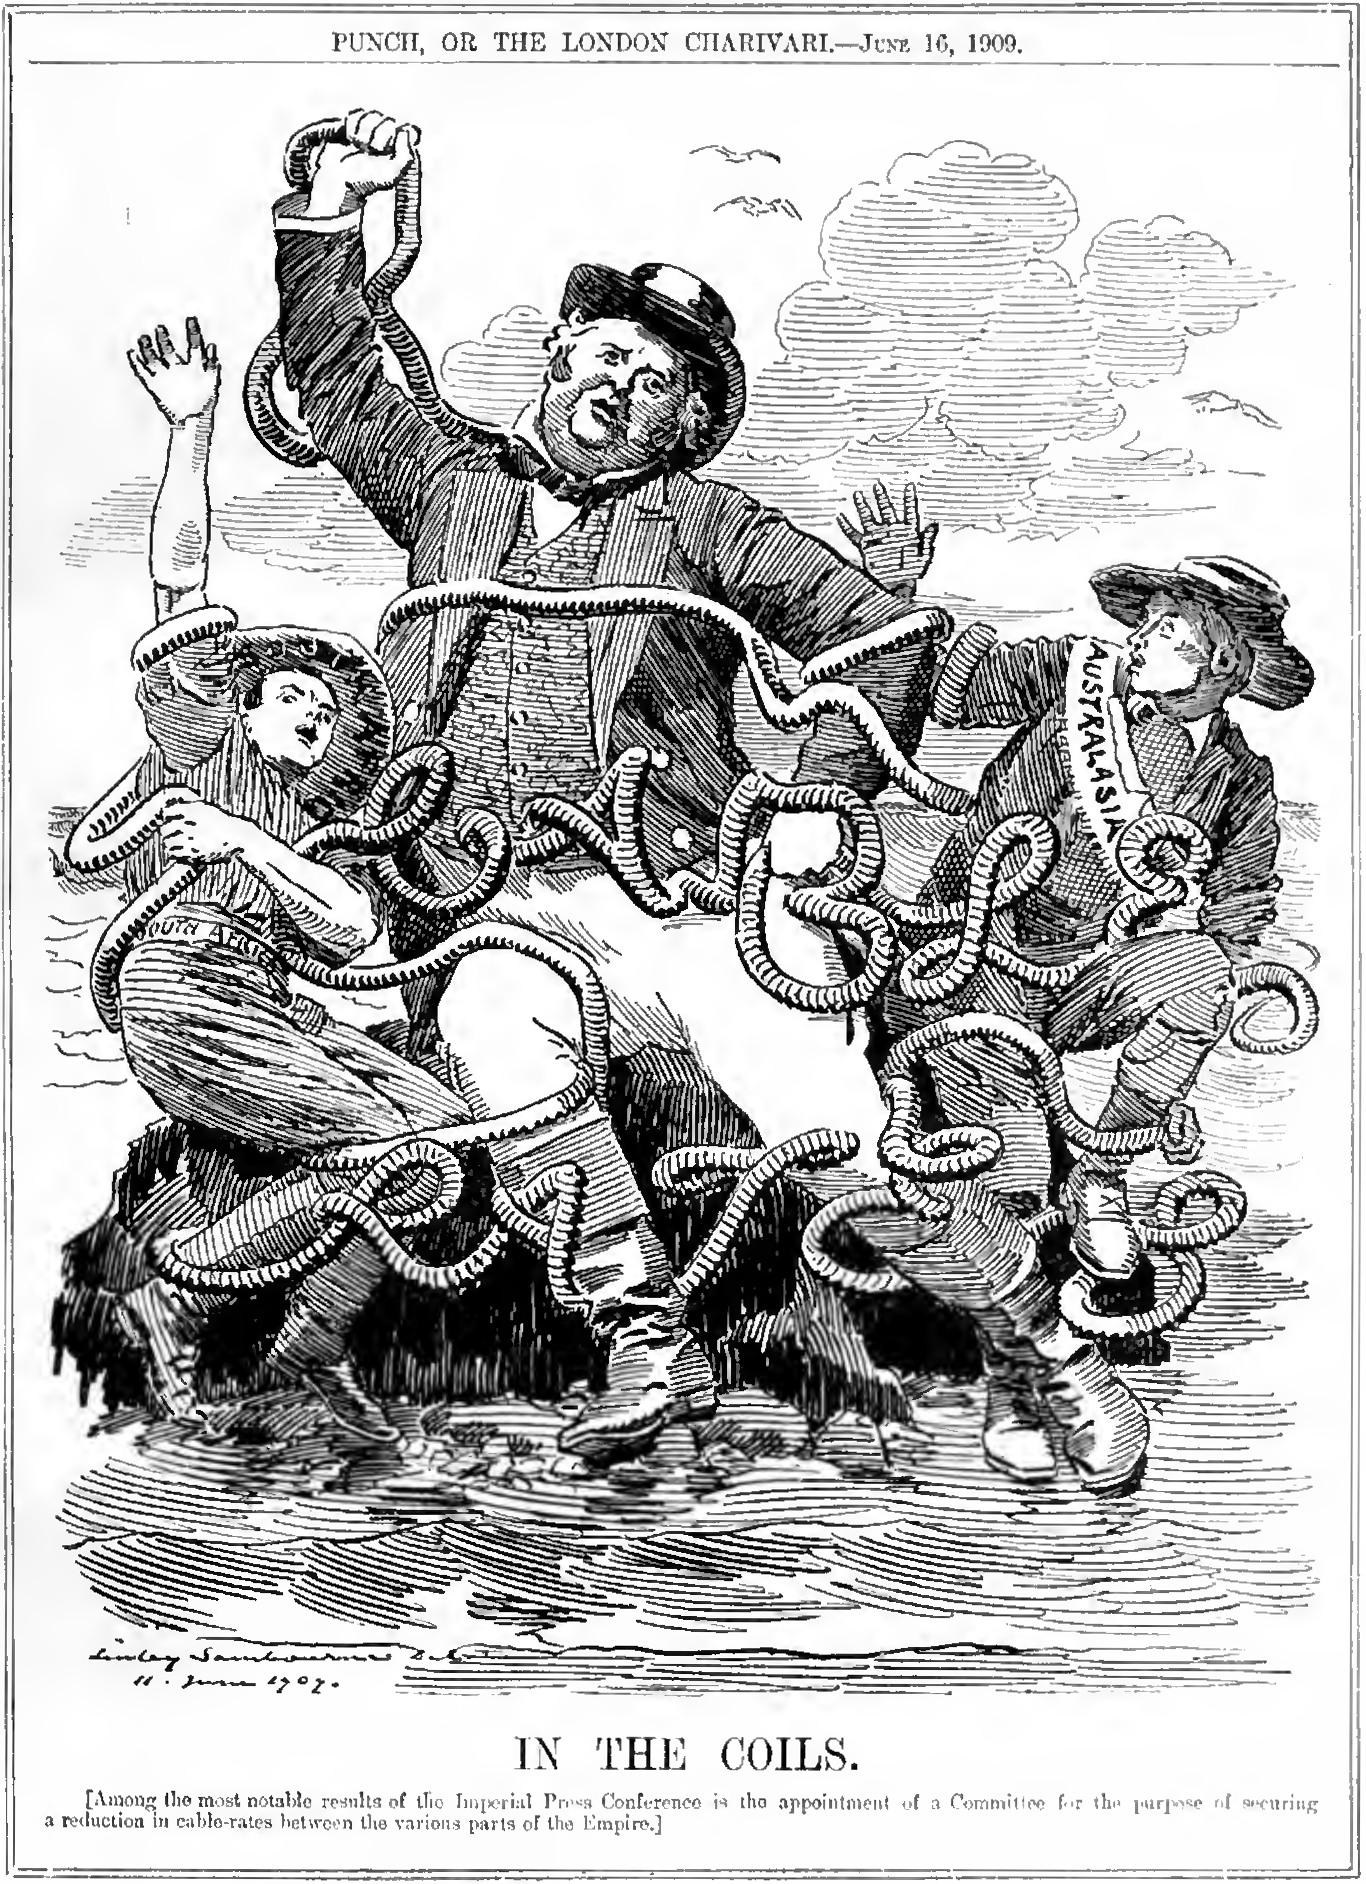 John Bull, In the Coils (Punch 1909)